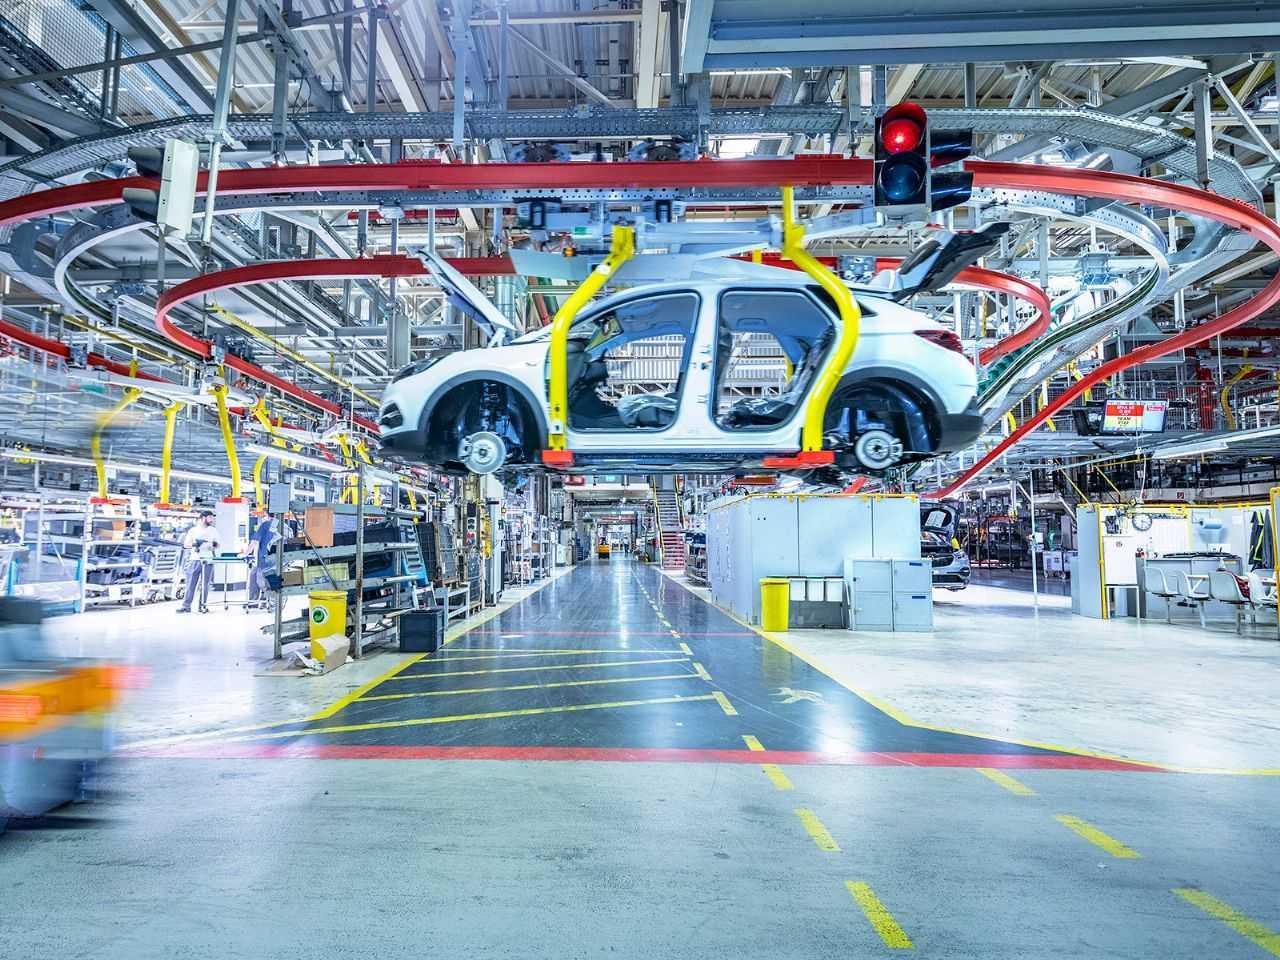 Detalhe da fábrica da Vauxhall em Eisenach, Alemanha